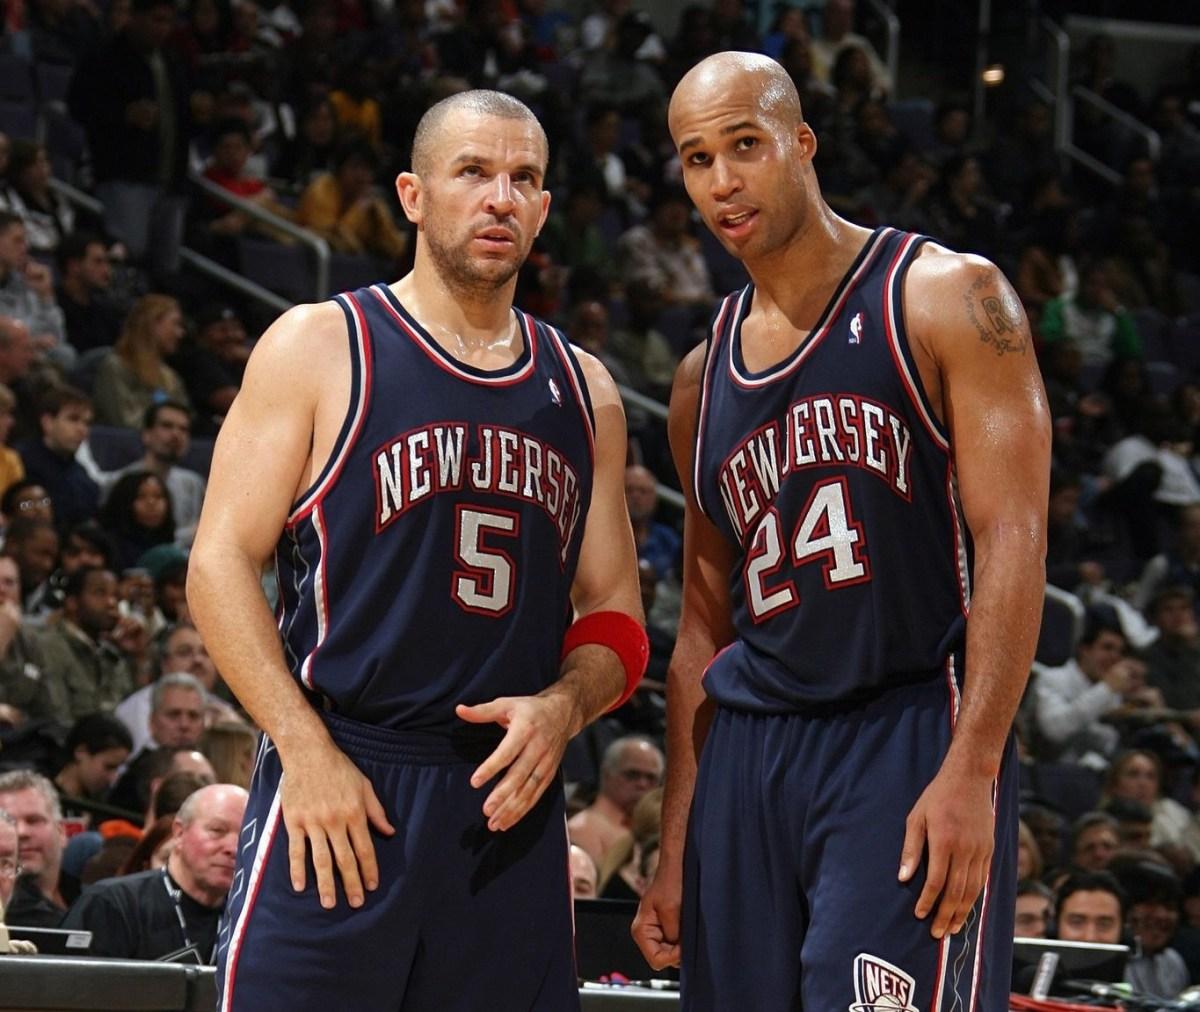 Jason Kidd and Richard Jefferson, New Jersey Nets